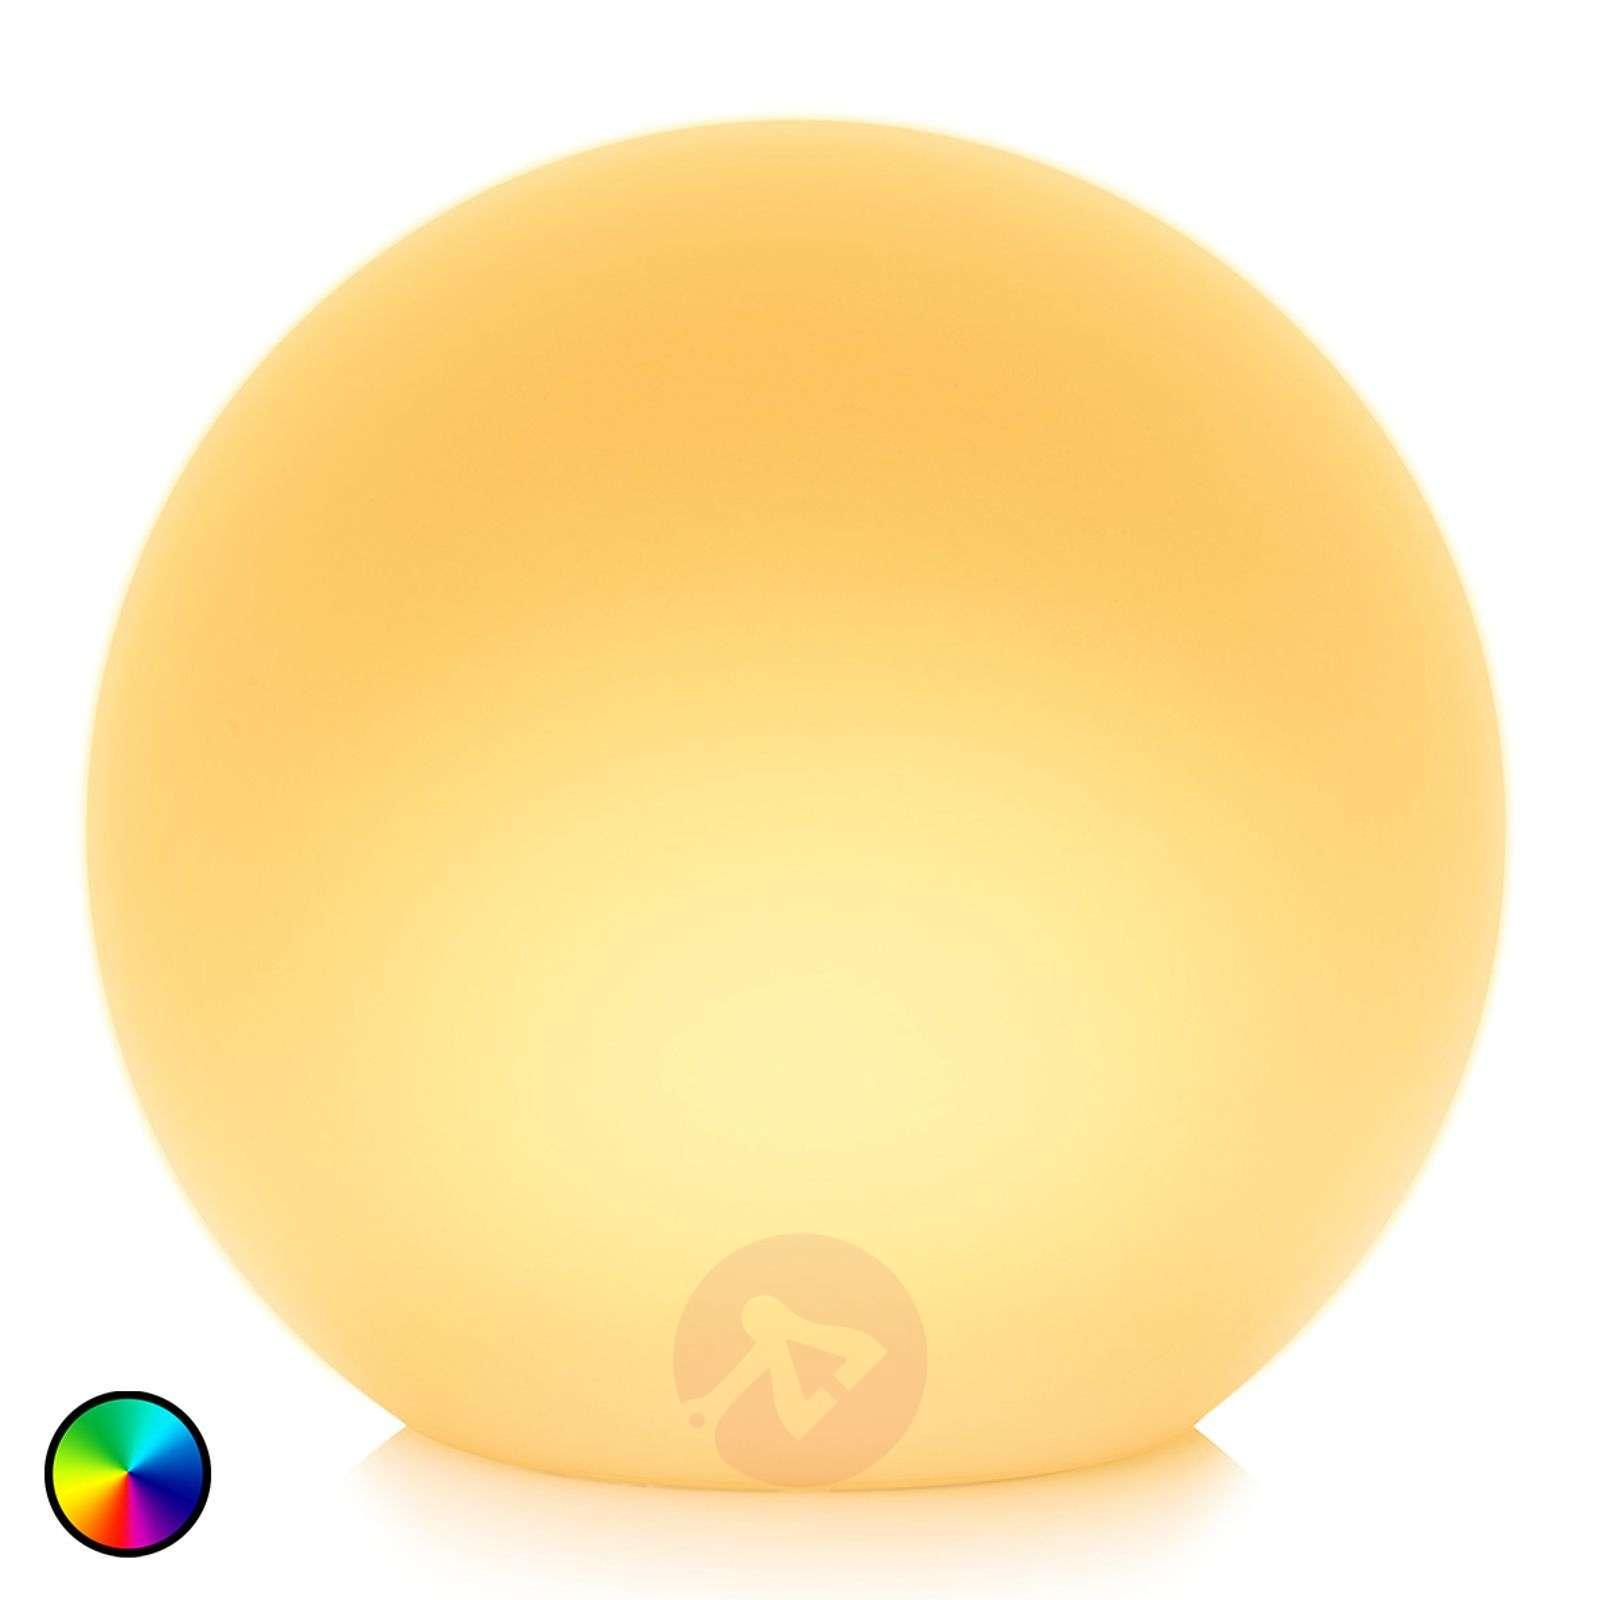 Eve Flare Smarte LED-valaisin sisälle ja ulos-2029010-01